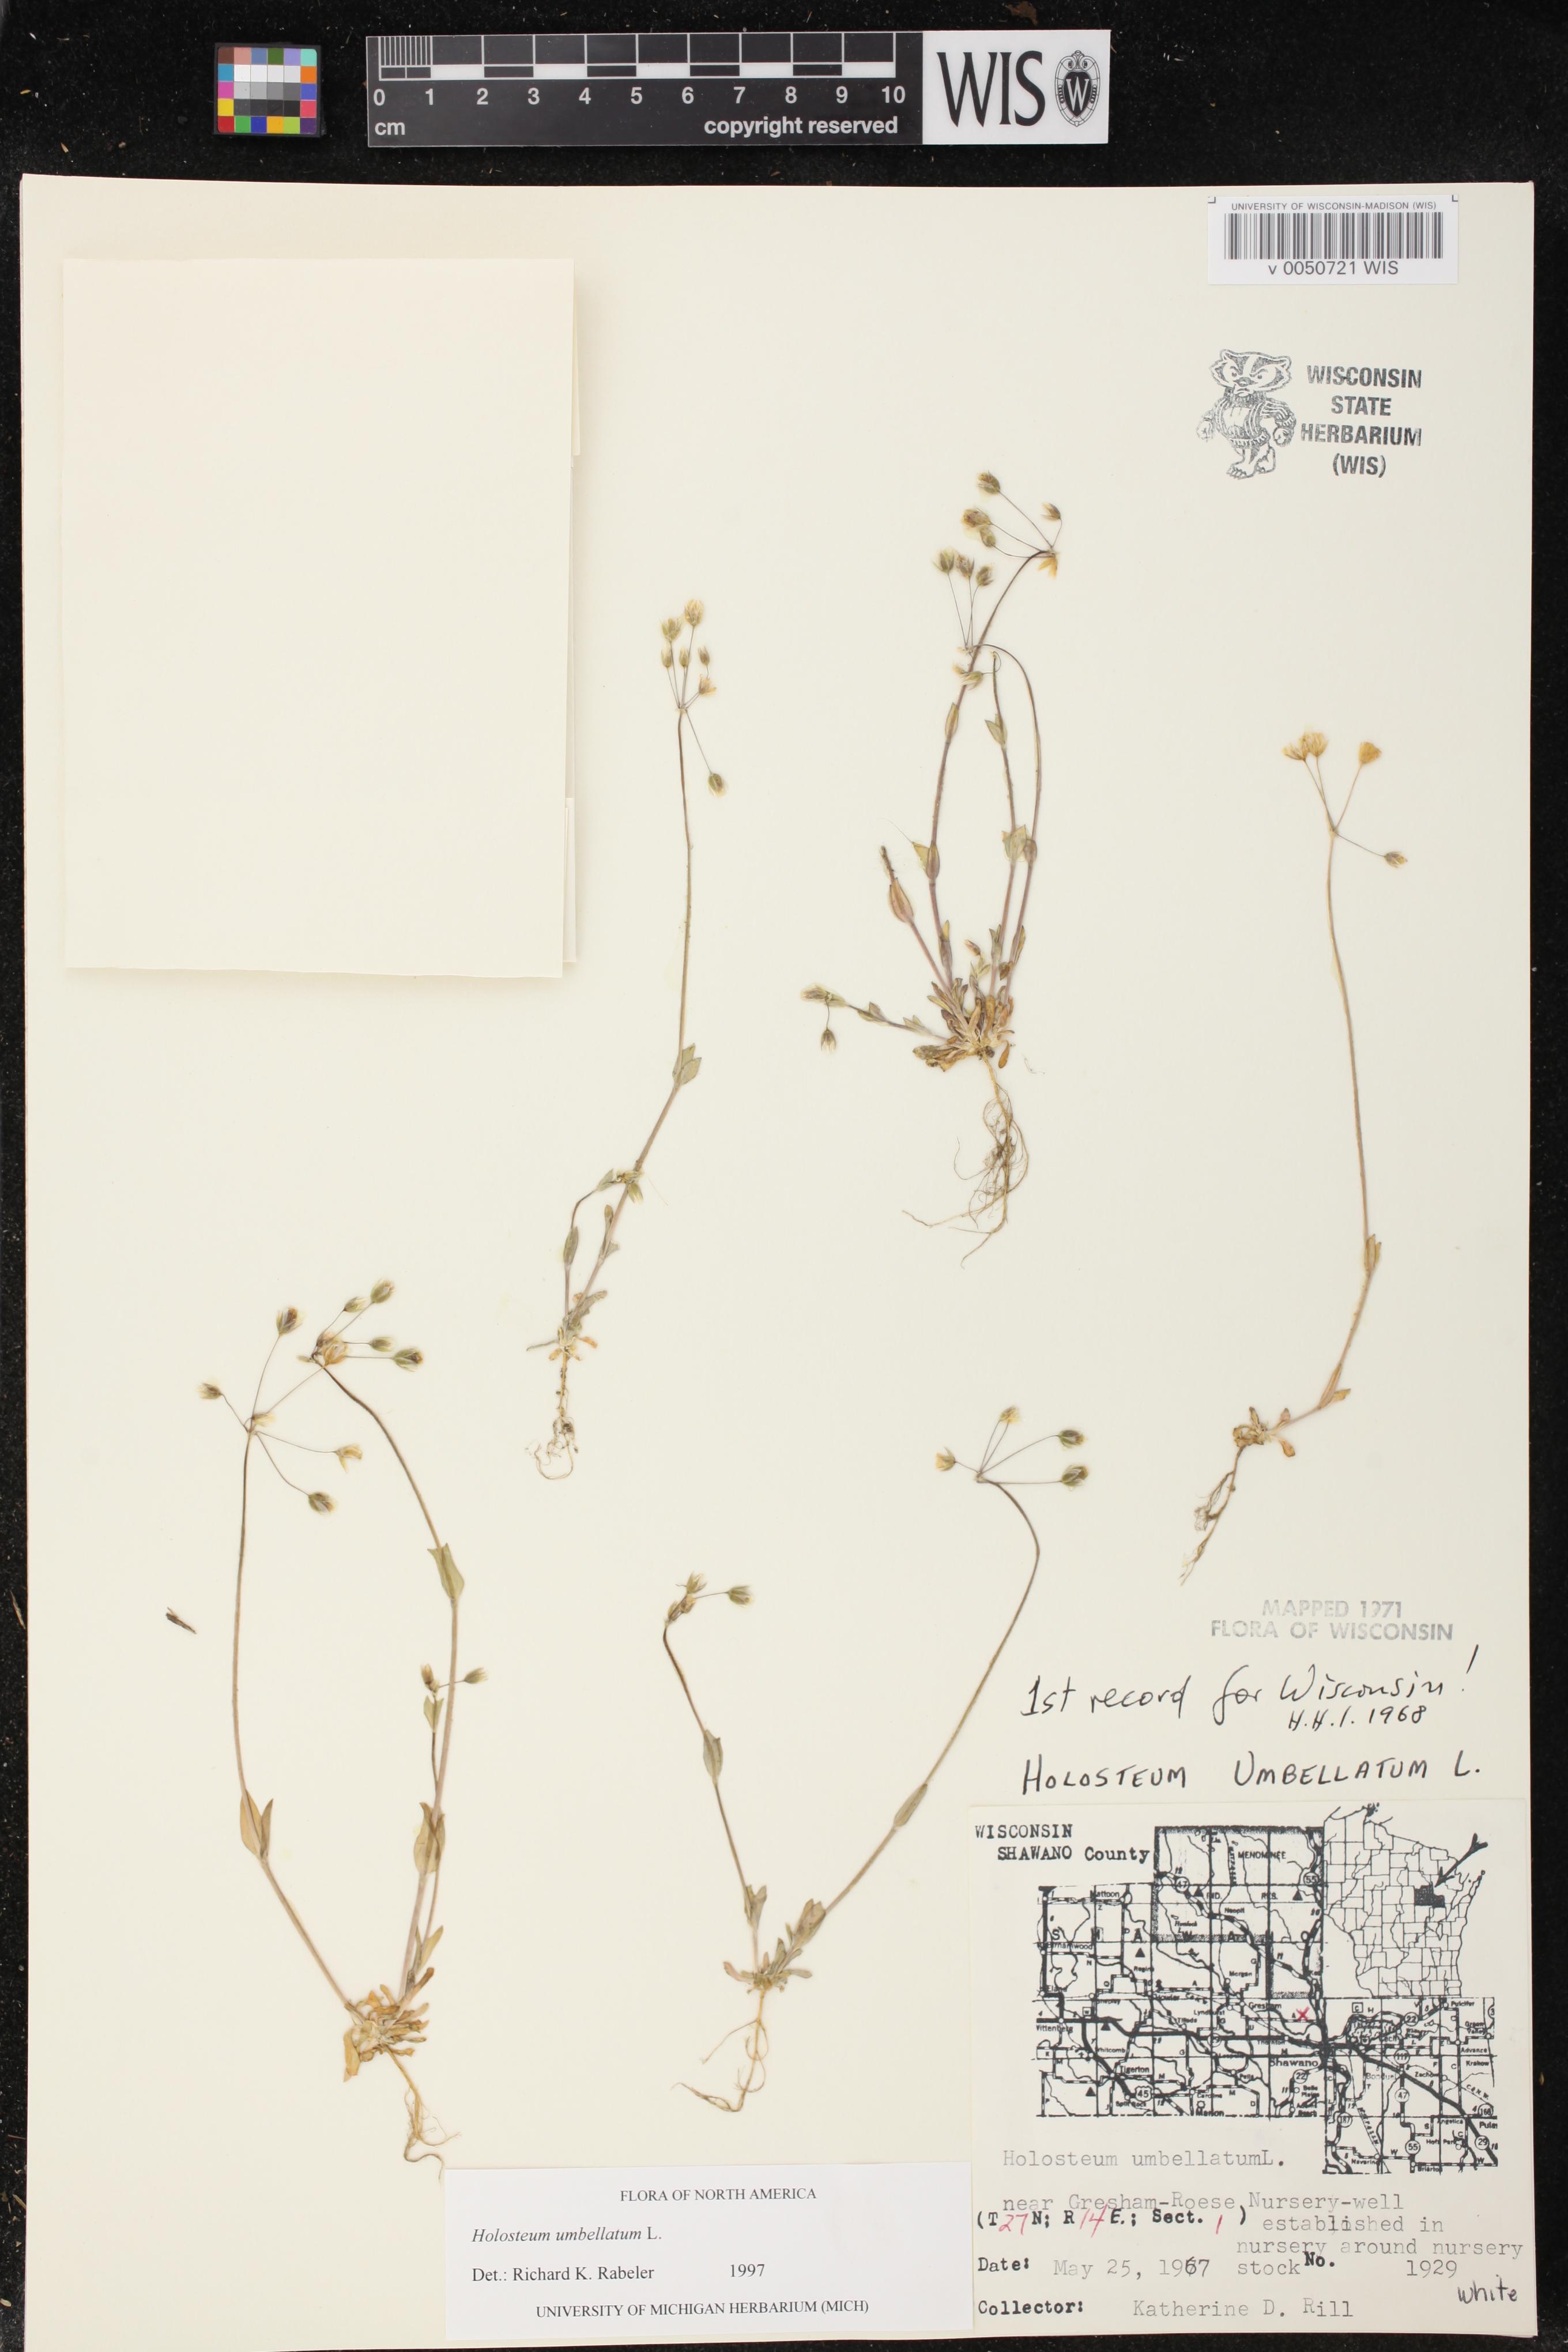 Image of Holosteum umbellatum